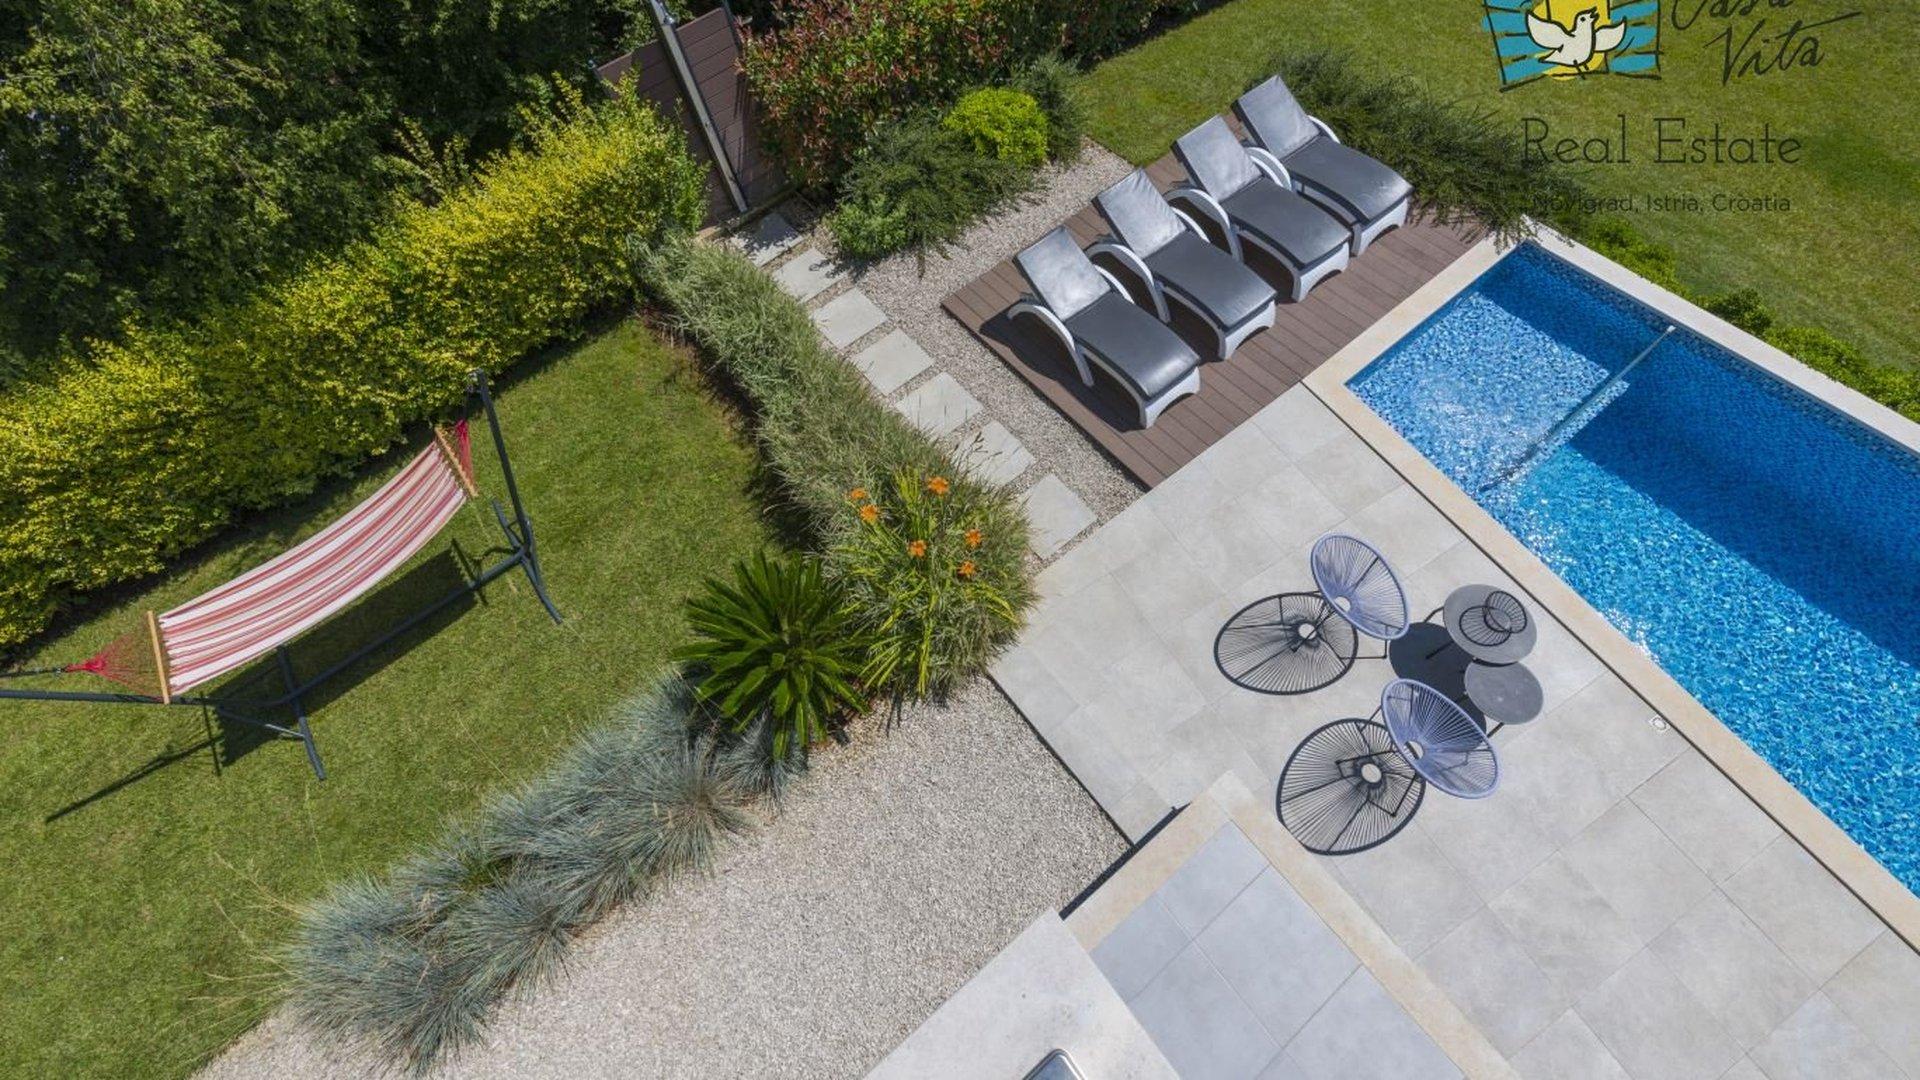 Ausländische Staatsbürger investieren klugerweise - in Immobilien in Istrien